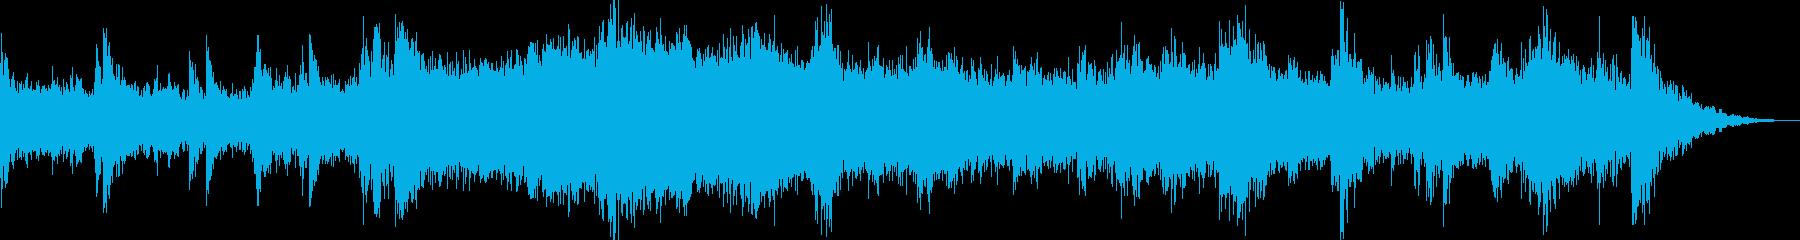 シーンのバックグラウンドでこれをプ...の再生済みの波形